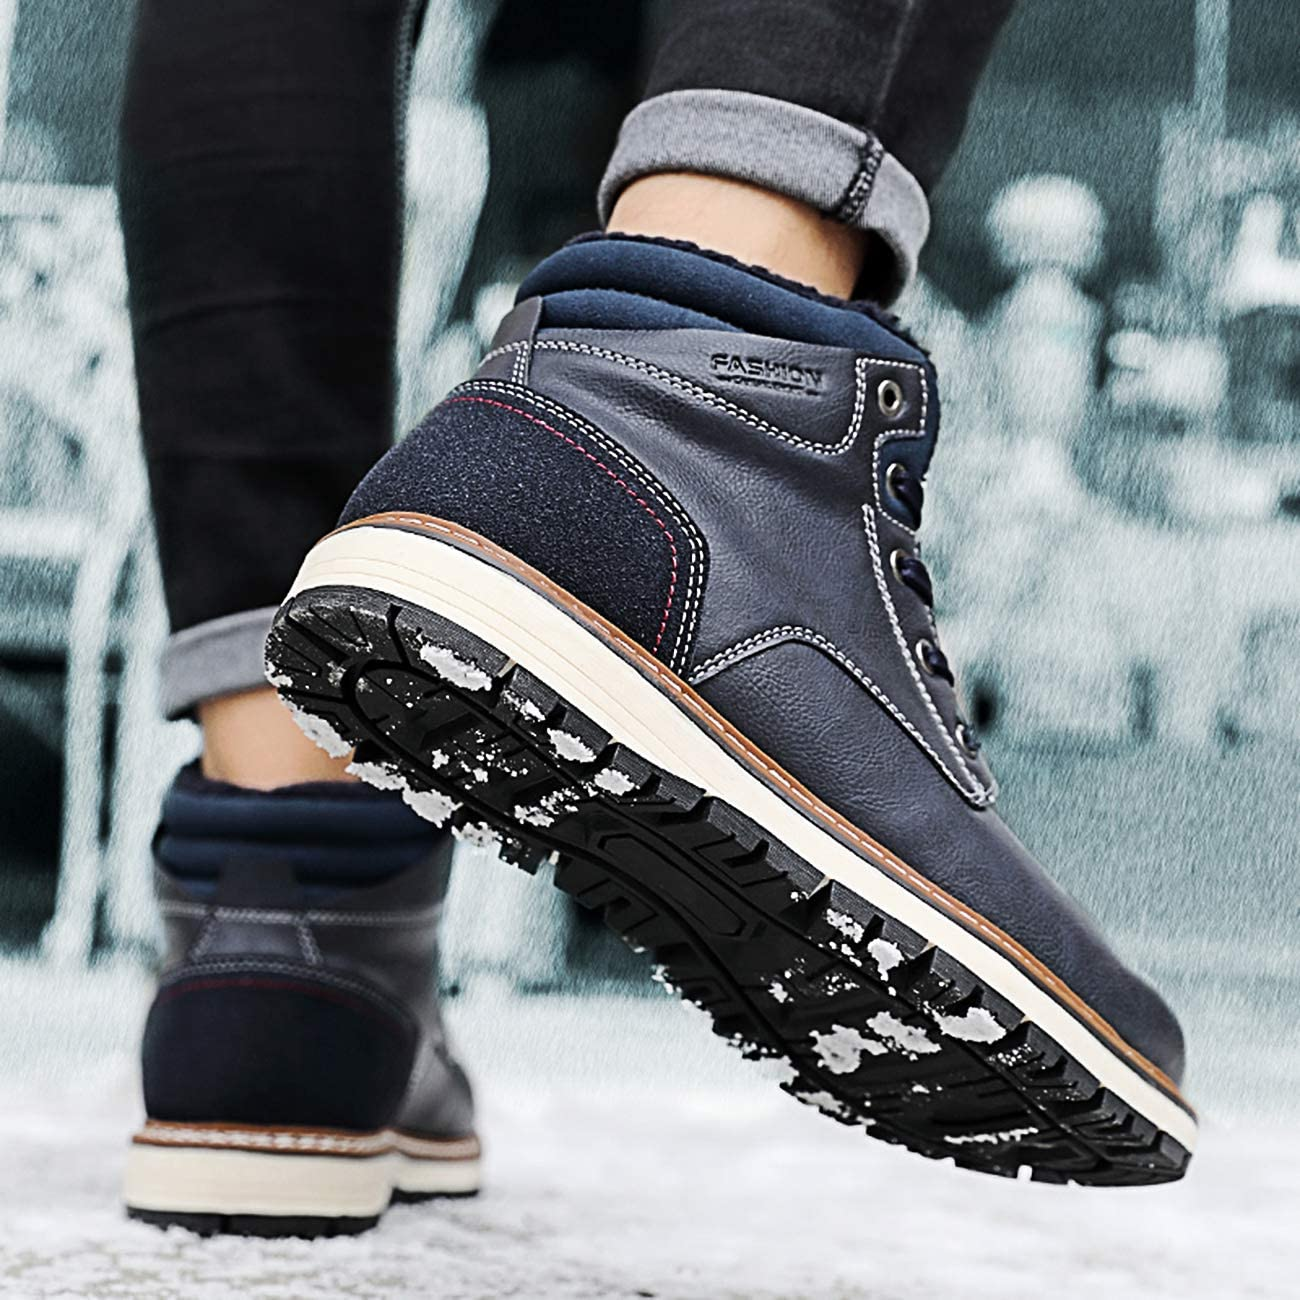 Hombre Botas de Nieve Al Aire Libre Senderismo Impermeables Deportes Trekking Zapatos Invierno Forro Piel Sneakers Calientes Botines